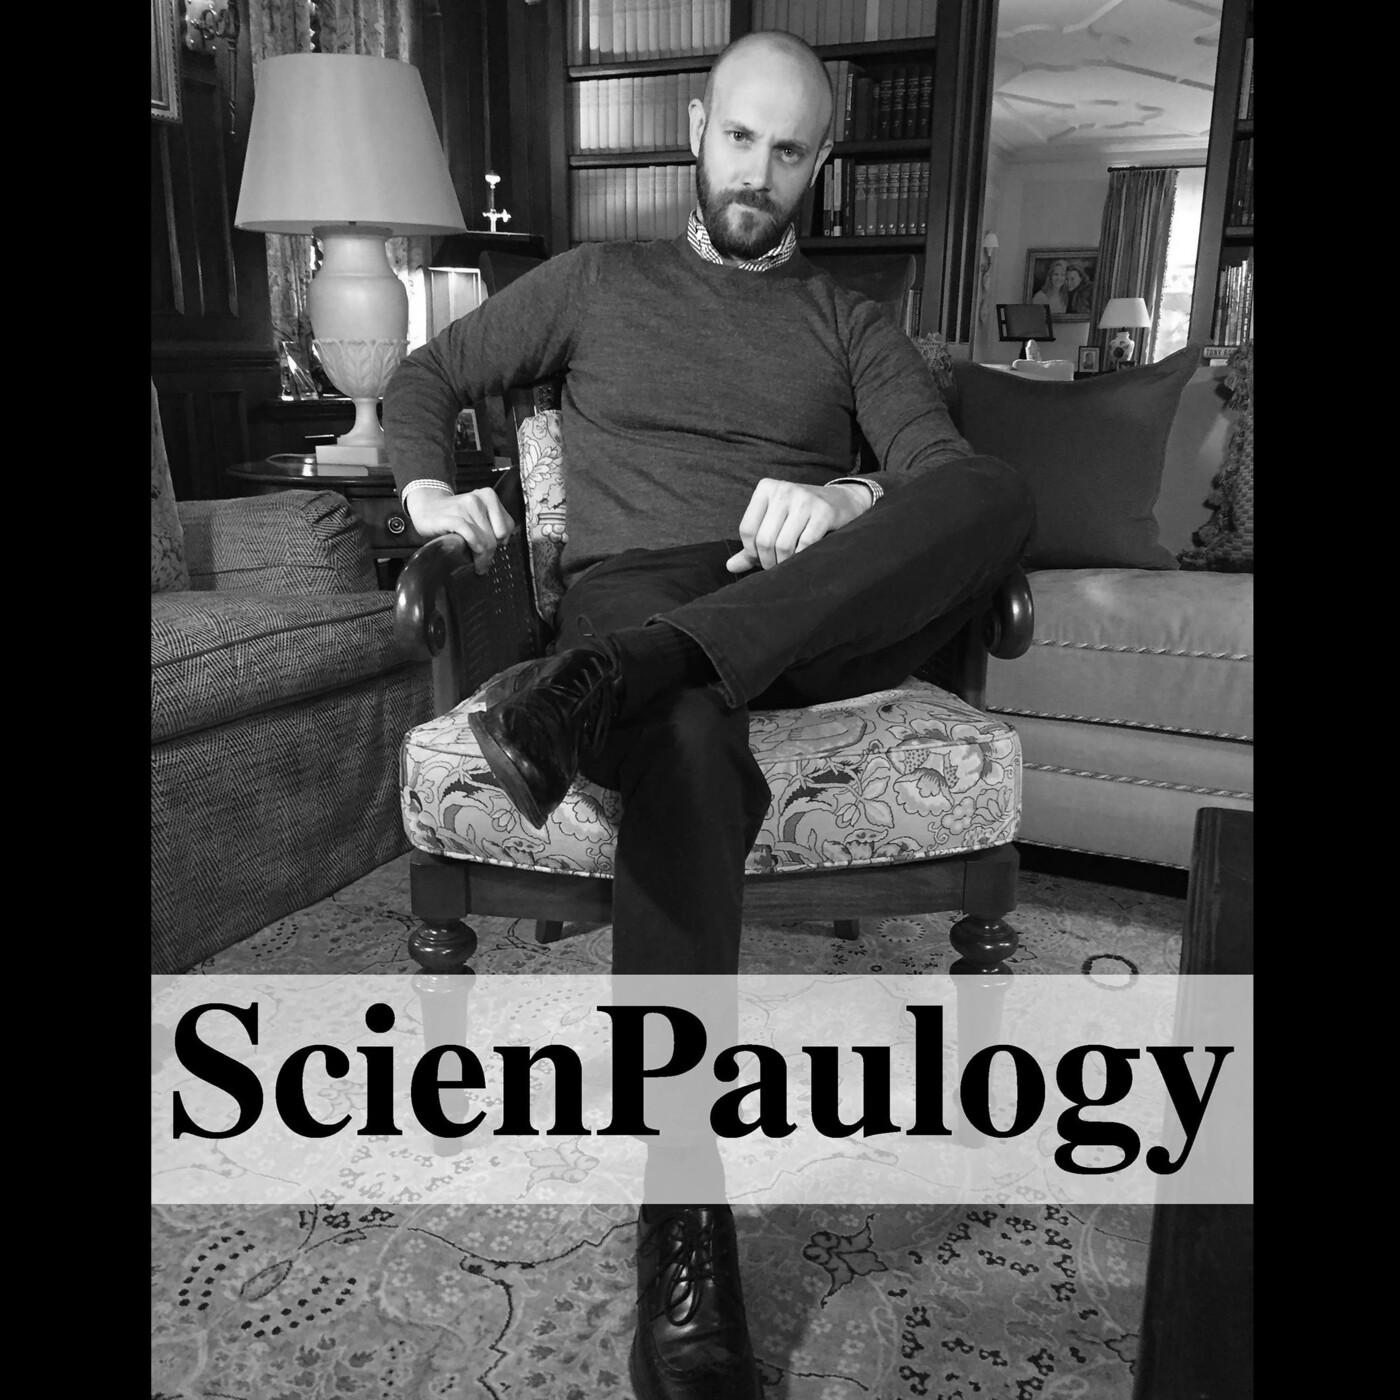 ScienPaulogy Episode 86